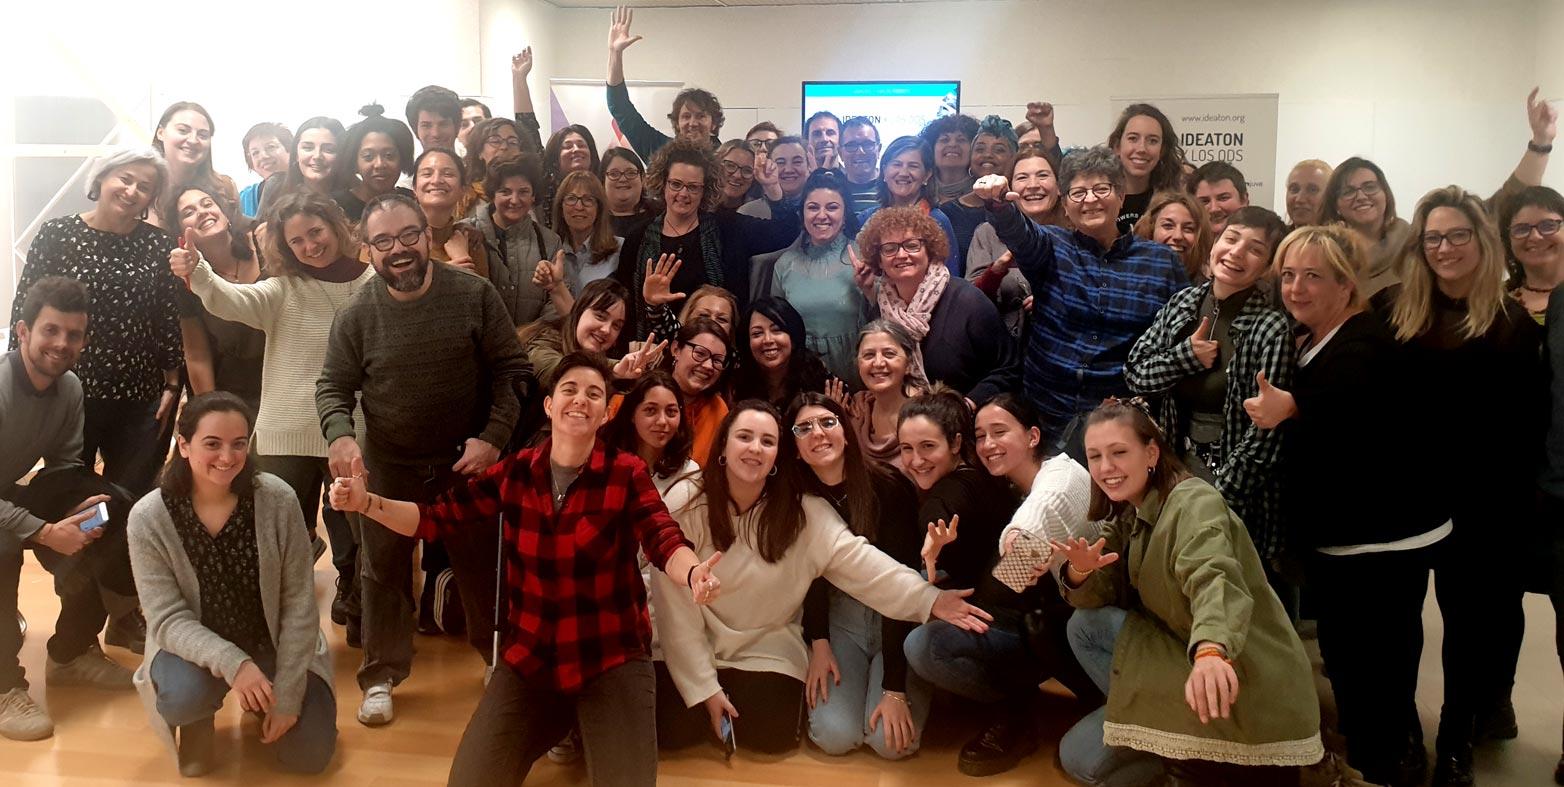 Éxito de participación ciudadana en el #IdeatonxlosODS celebrado en Zaragoza